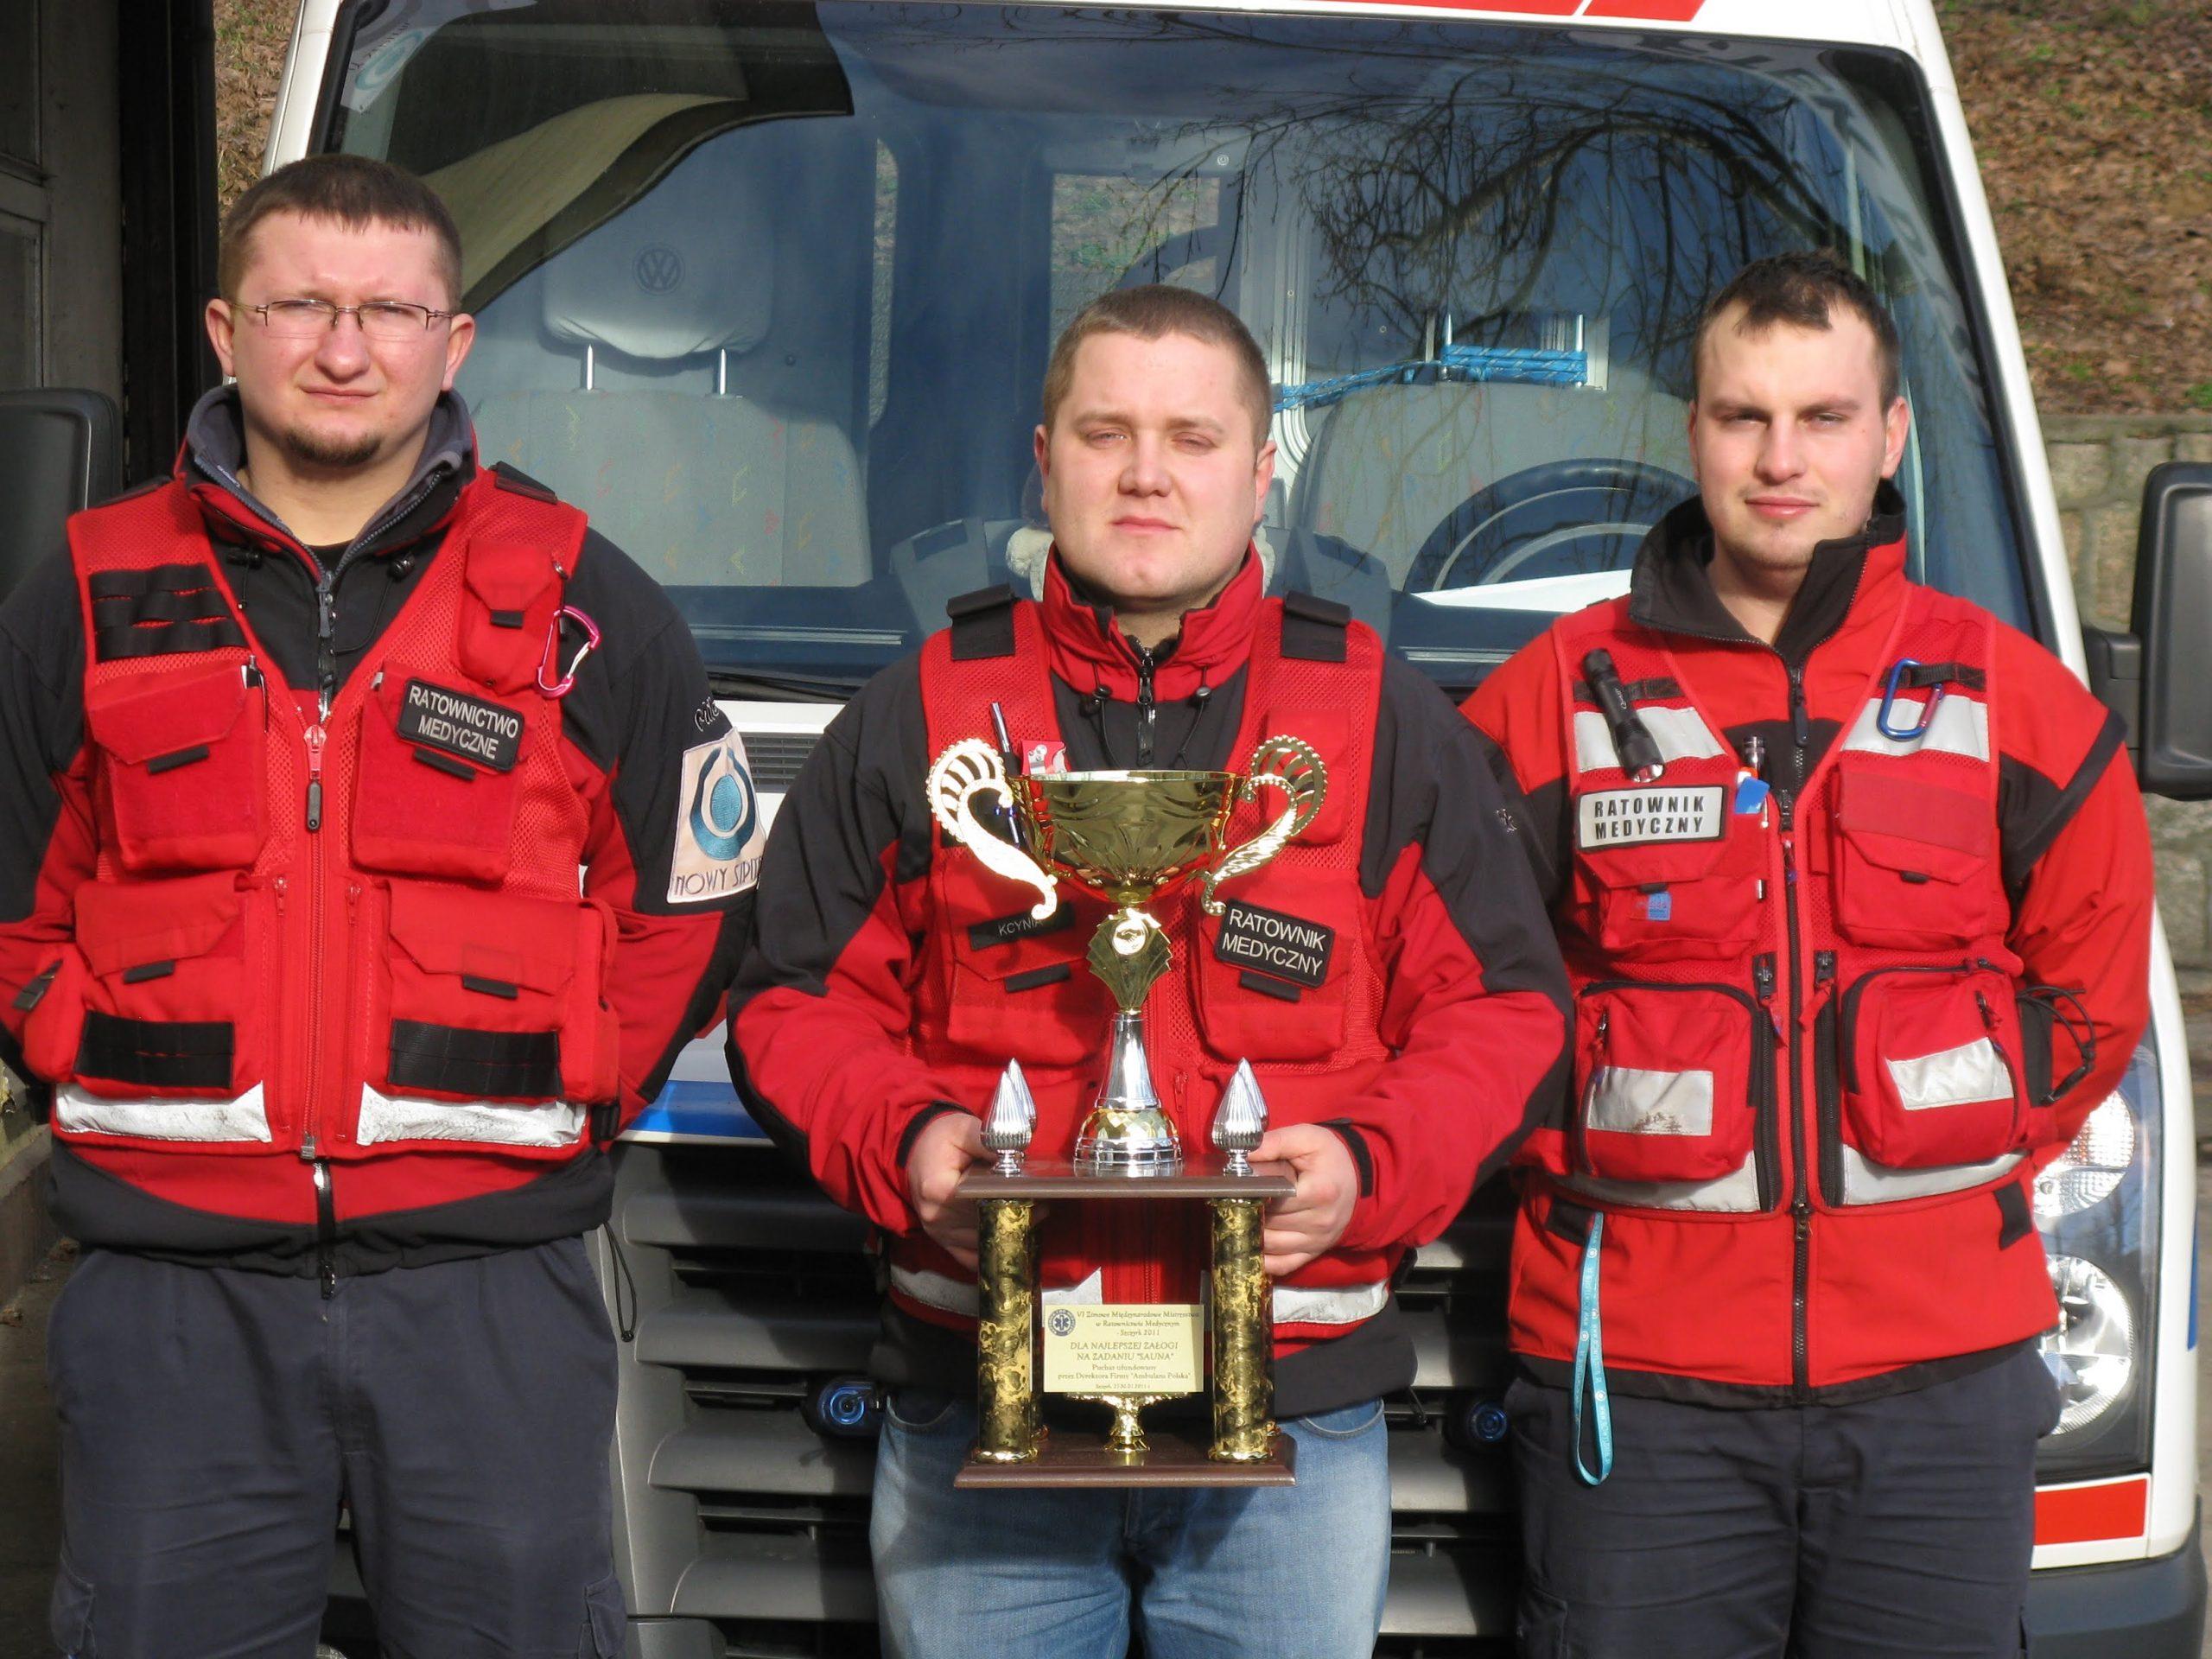 Udział w VI Otwartych Mistrzostwach Śląska w Ratownictwie Medycznym Jura 2011 i zajęcie 2 miejsca